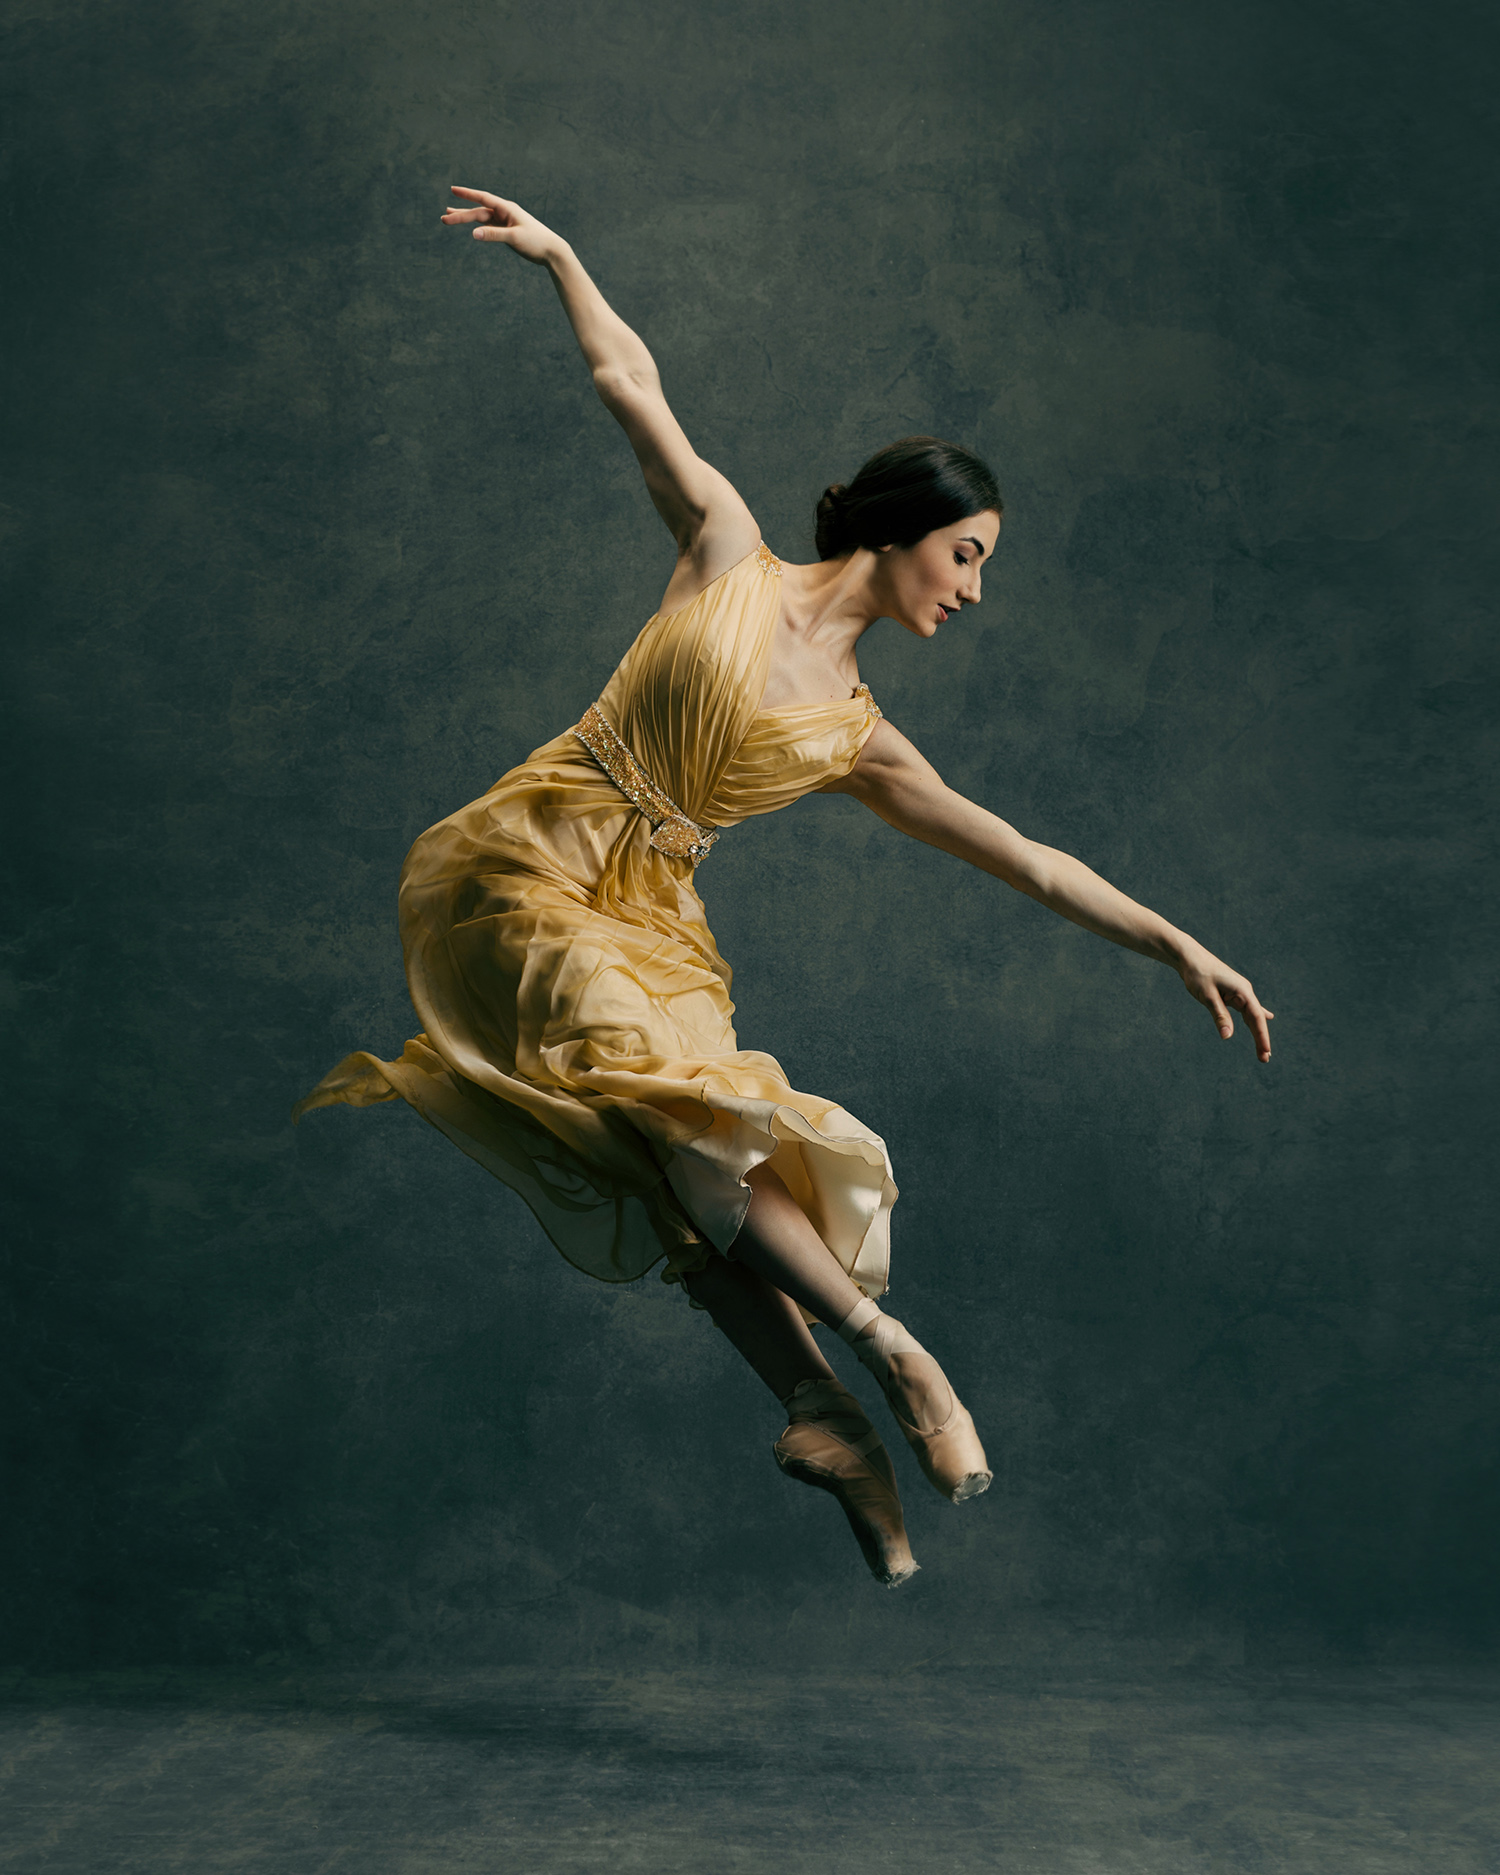 Fine Art Dance Photography by Sacramento Photographer Mayumi Acosta